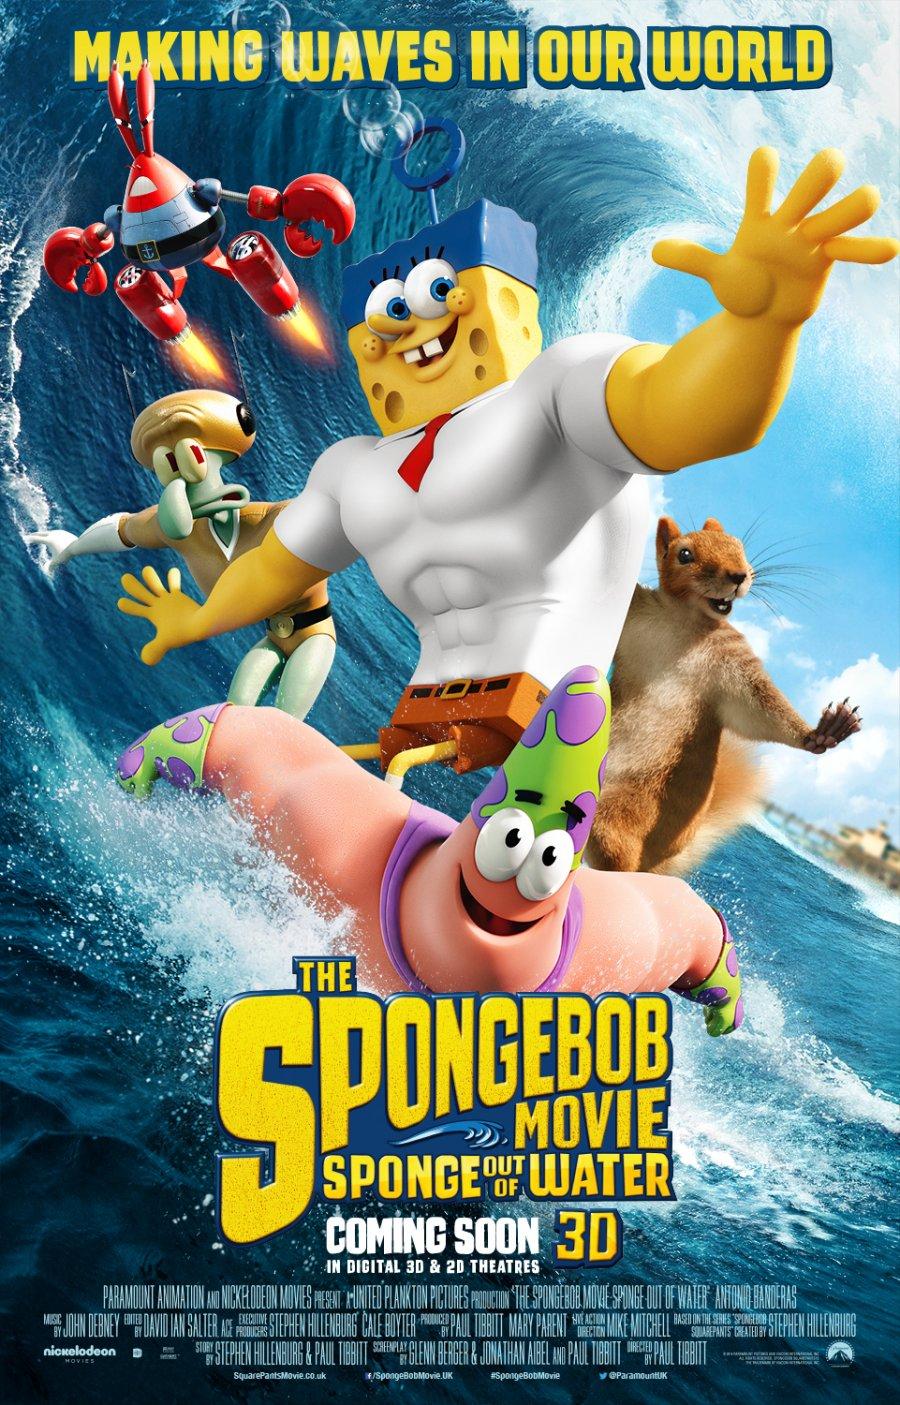 SpongeBob SquarePants Sponge out of Water poster